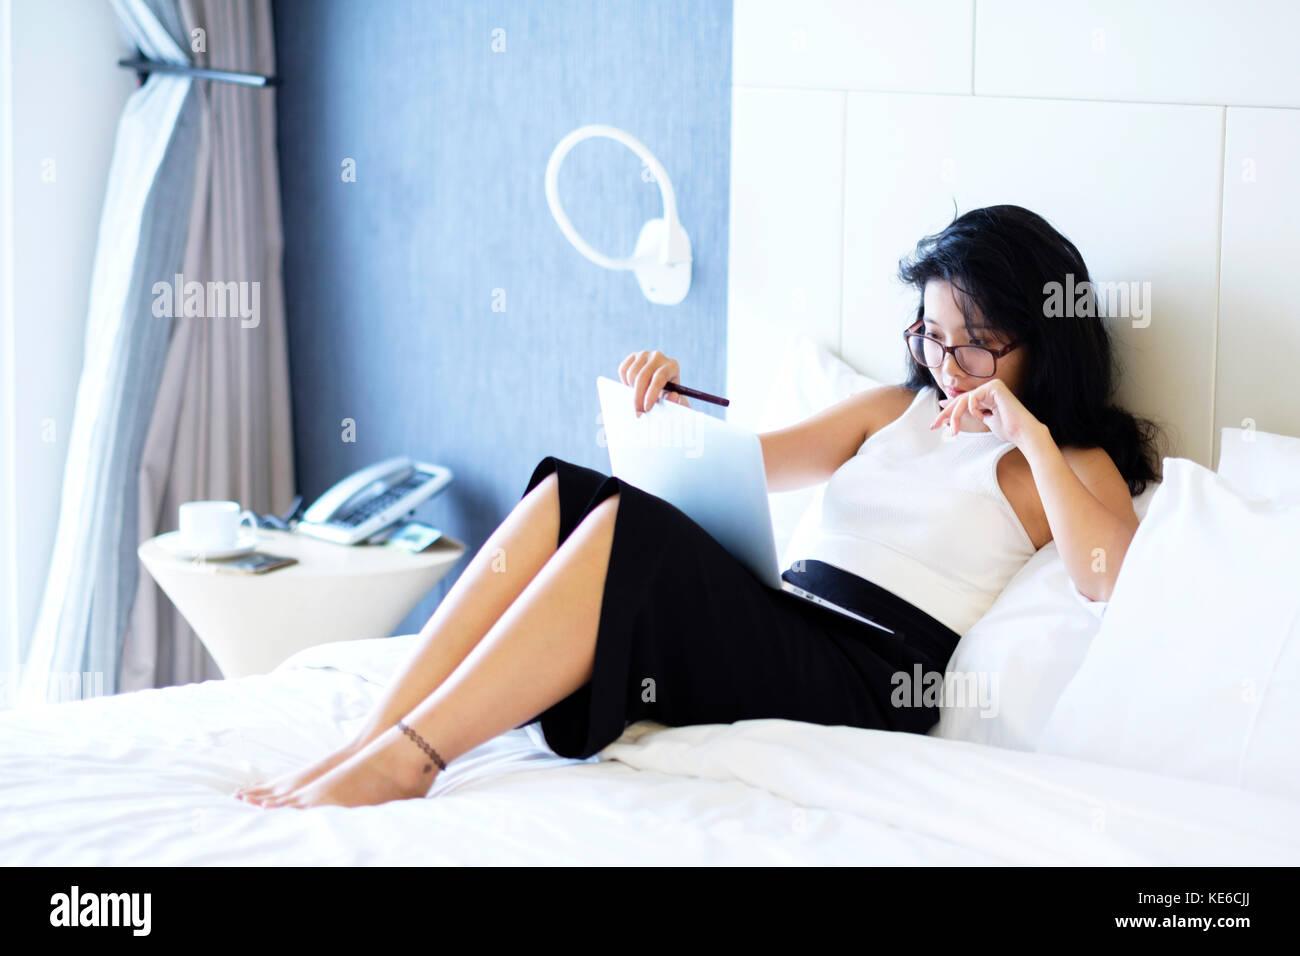 Young Asian business woman travaillant dans sa chambre d'hôtel Photo Stock